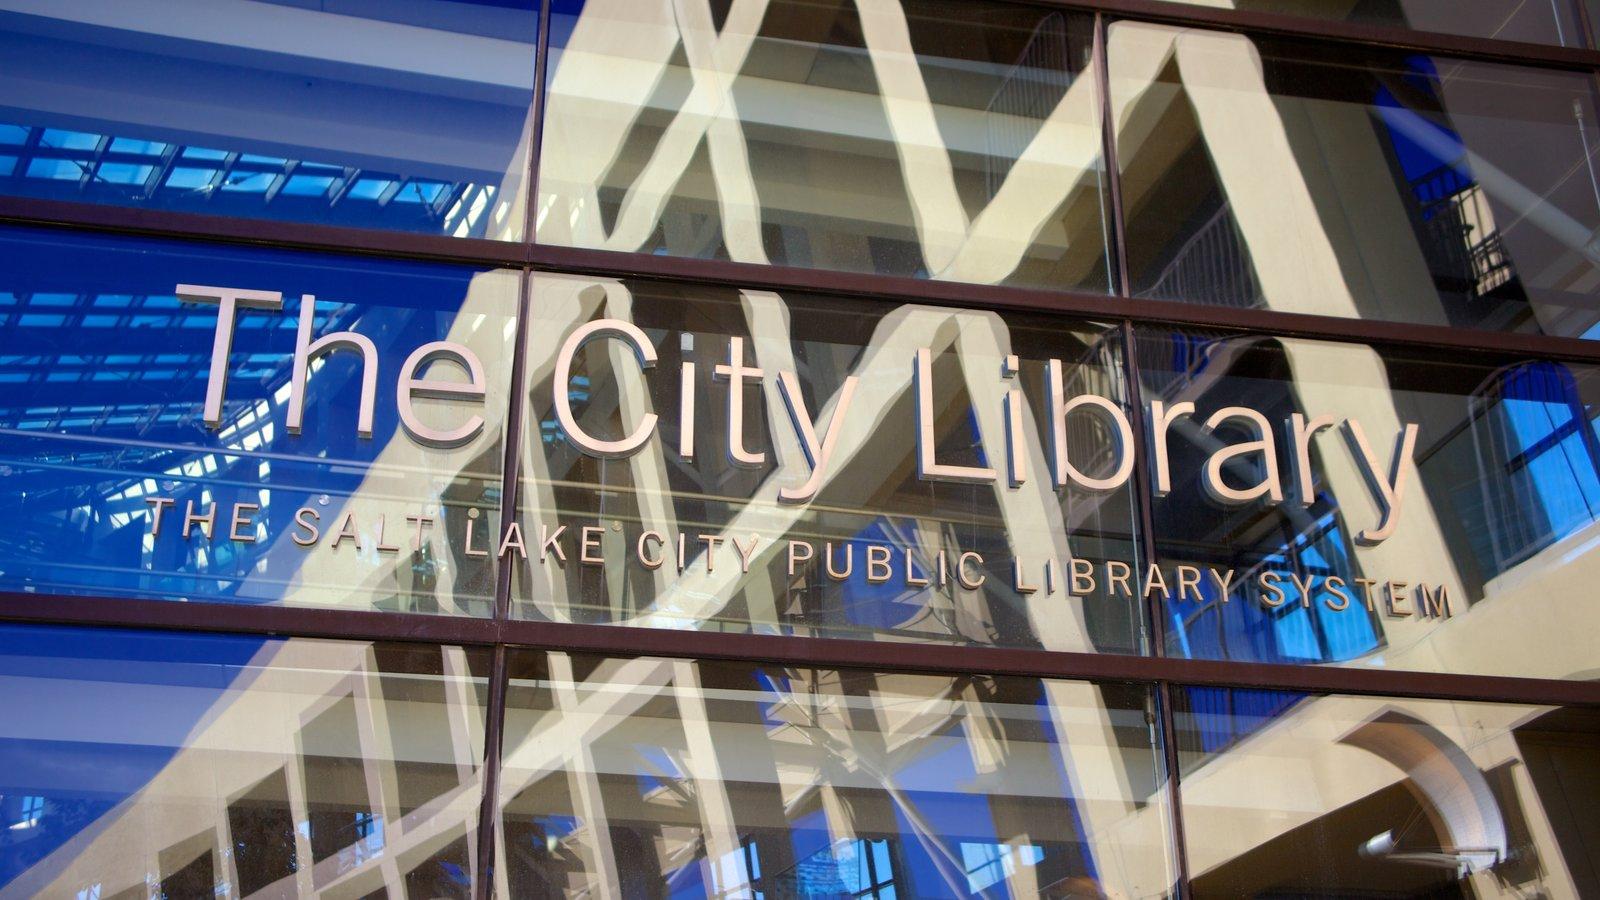 Edifício Principal da Biblioteca Pública de Salt Lake mostrando arquitetura moderna e sinalização